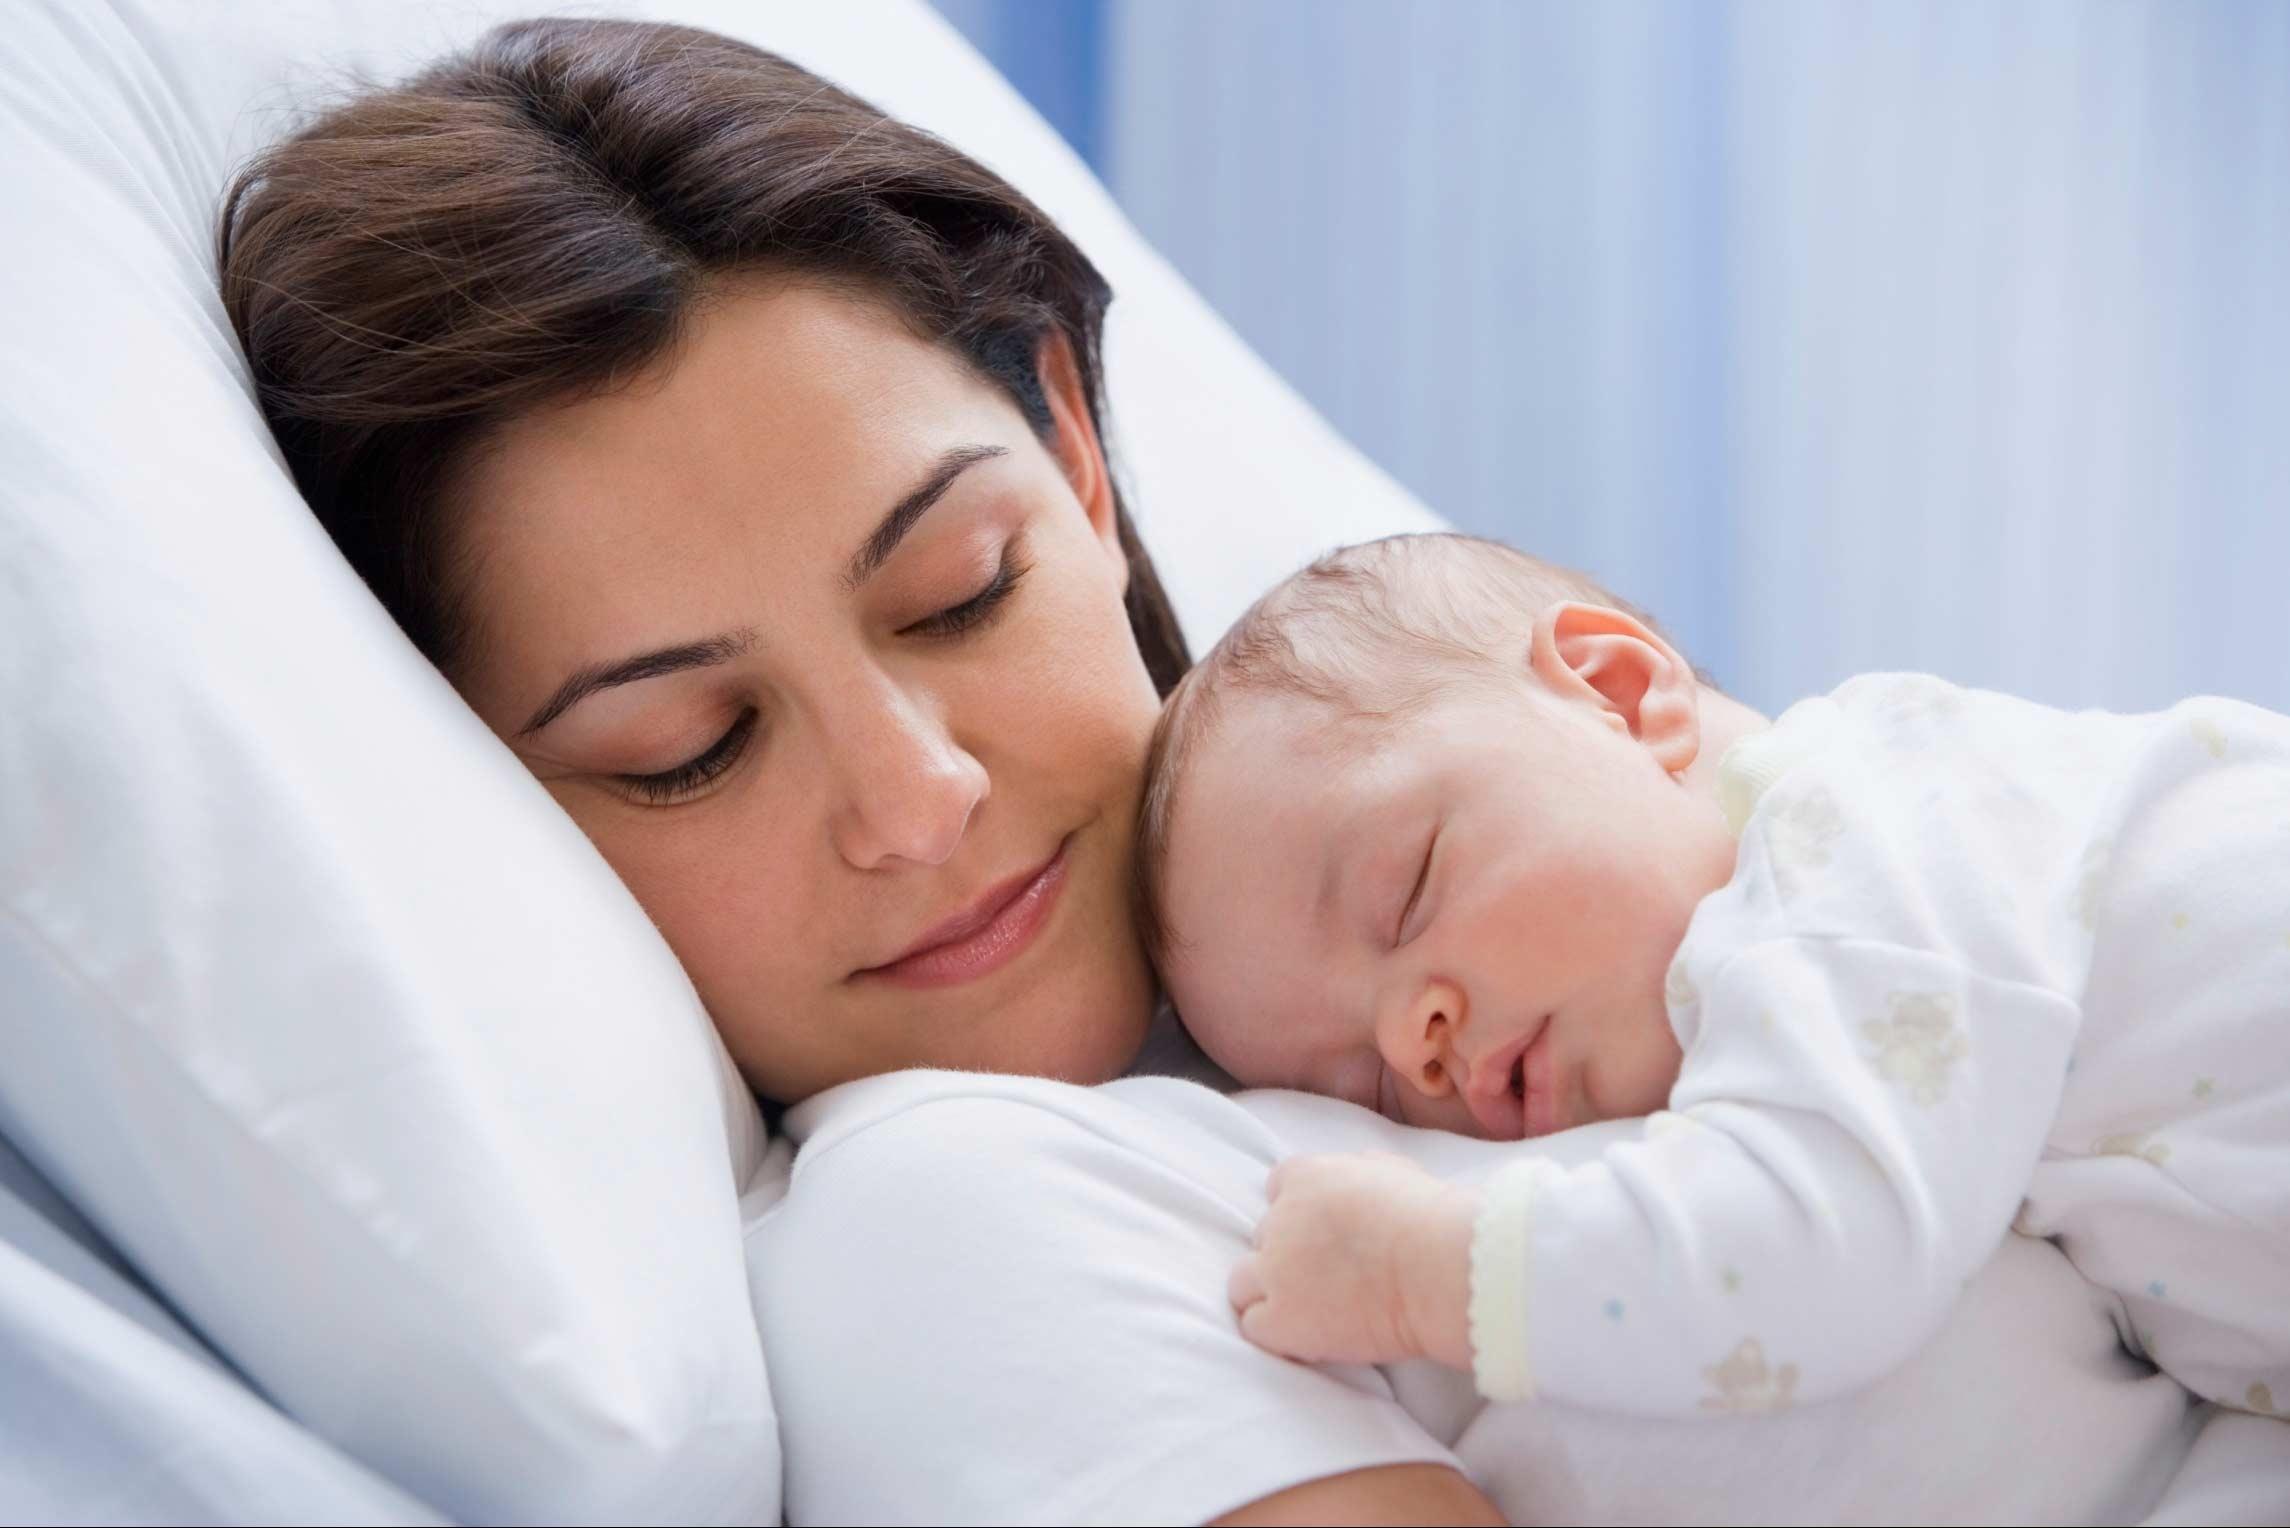 مادران تنها و پرورش نوزاد